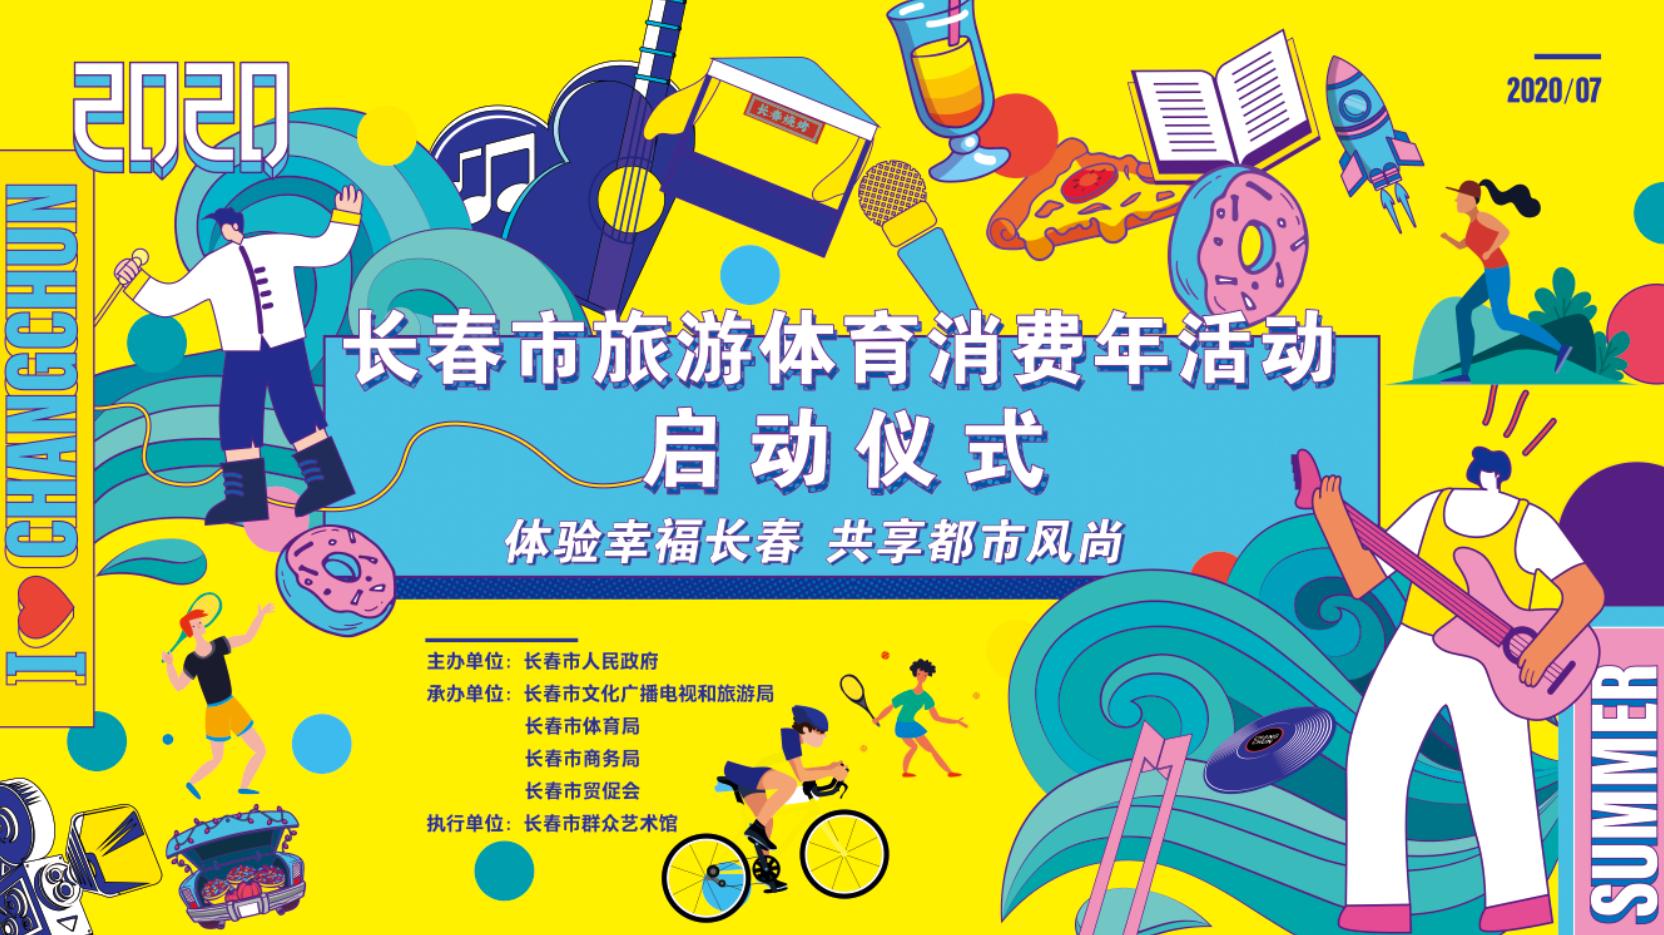 长春市旅游体育消费年活动启动仪式